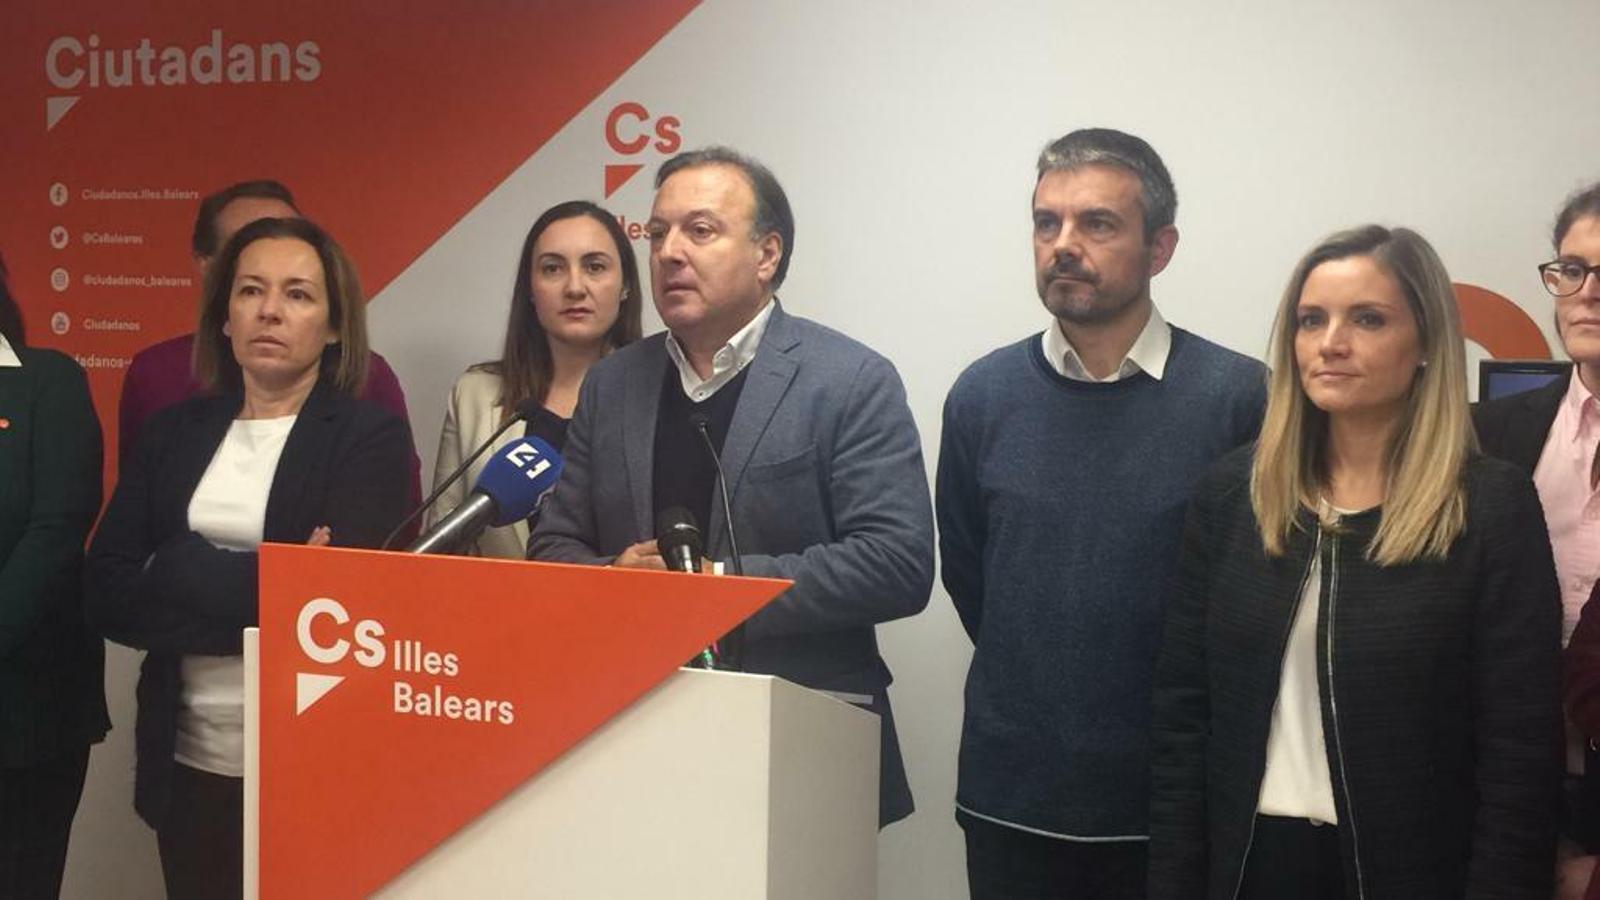 Ciutadans perd dos terços del suport a les Balears, i Mesquida queda sense escó